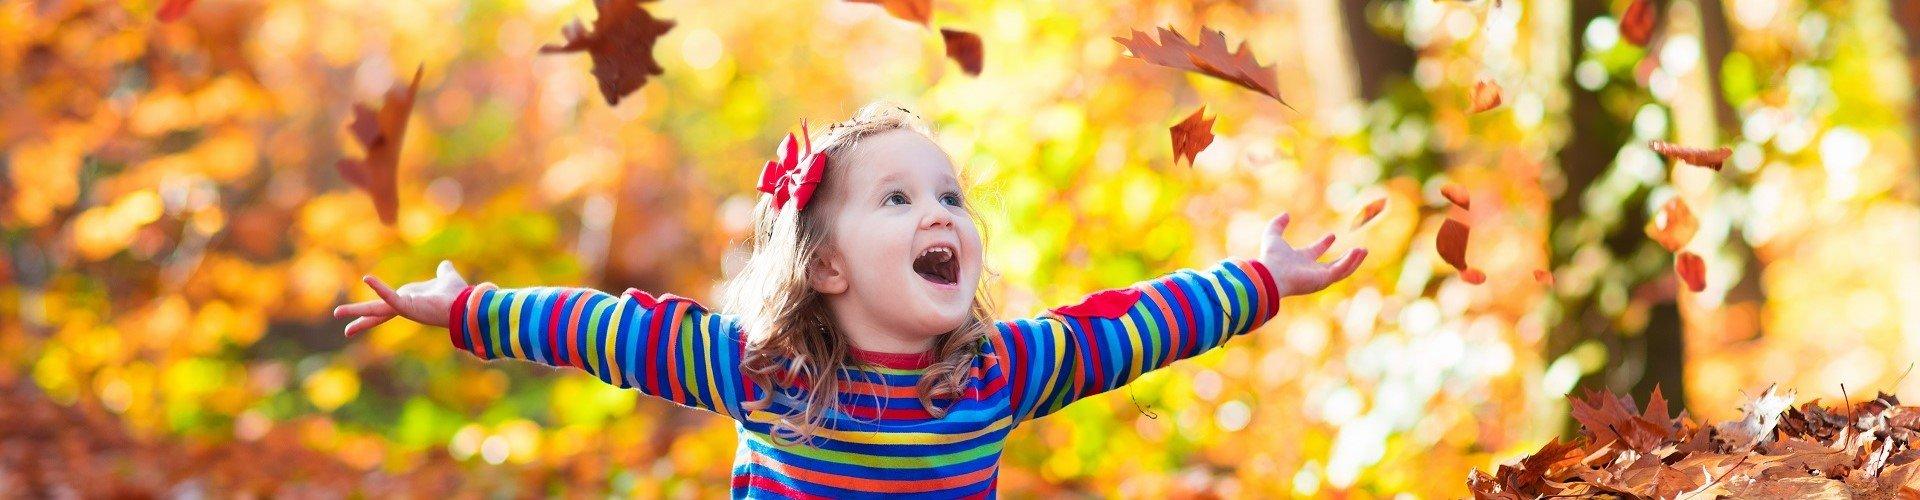 Familienurlaub in den Herbstferien